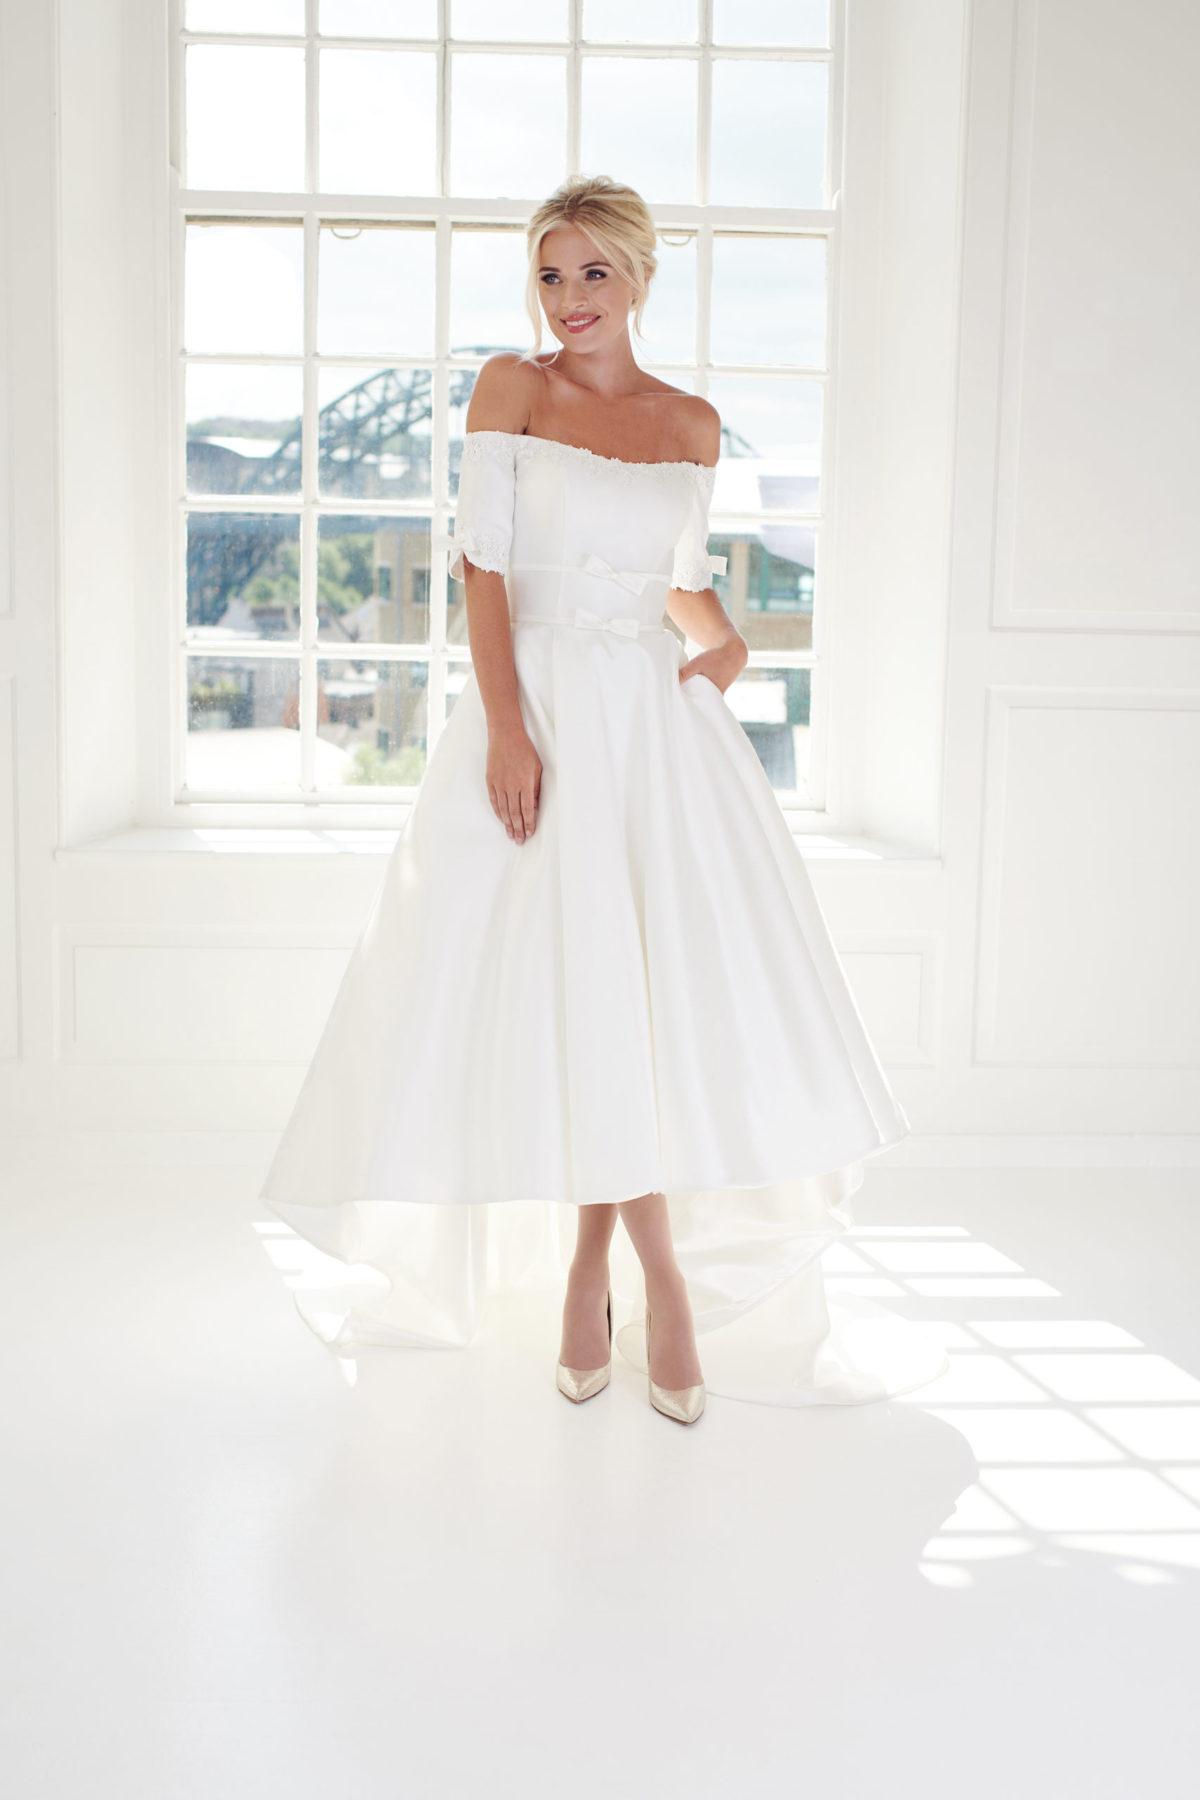 Off the shoulder high wedding dress